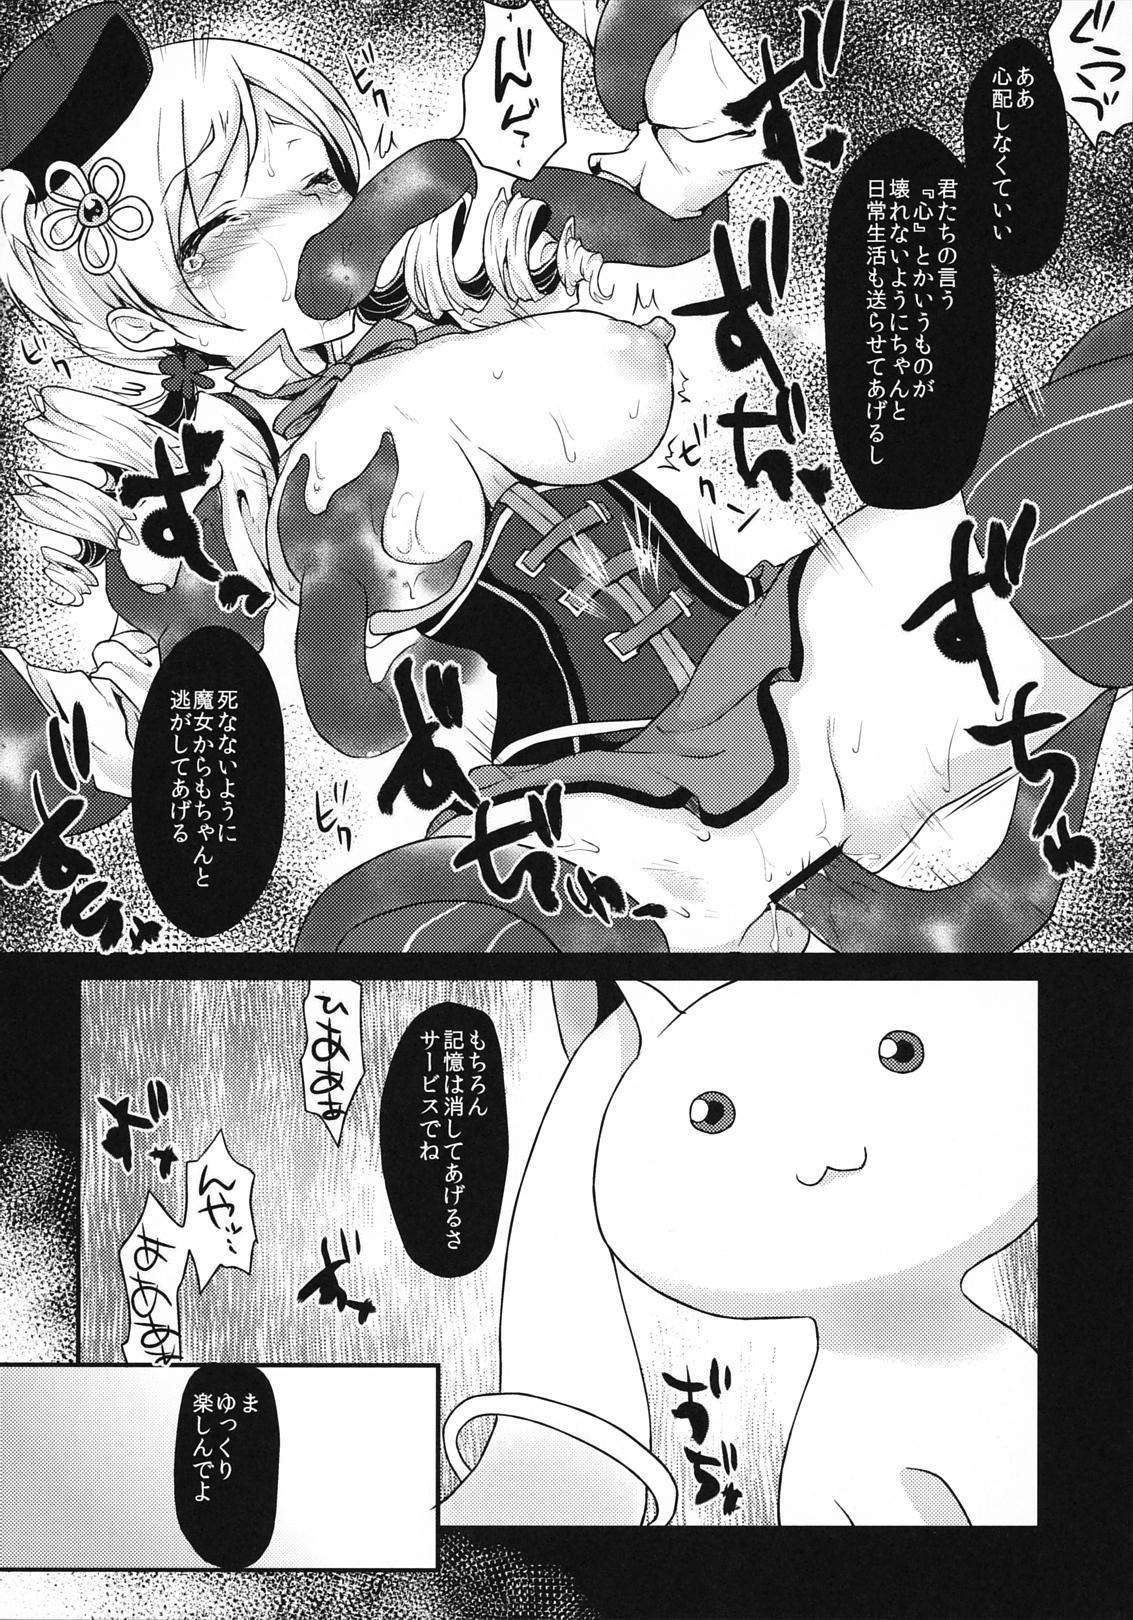 Eikyuukikan Mahou Shoujo 6